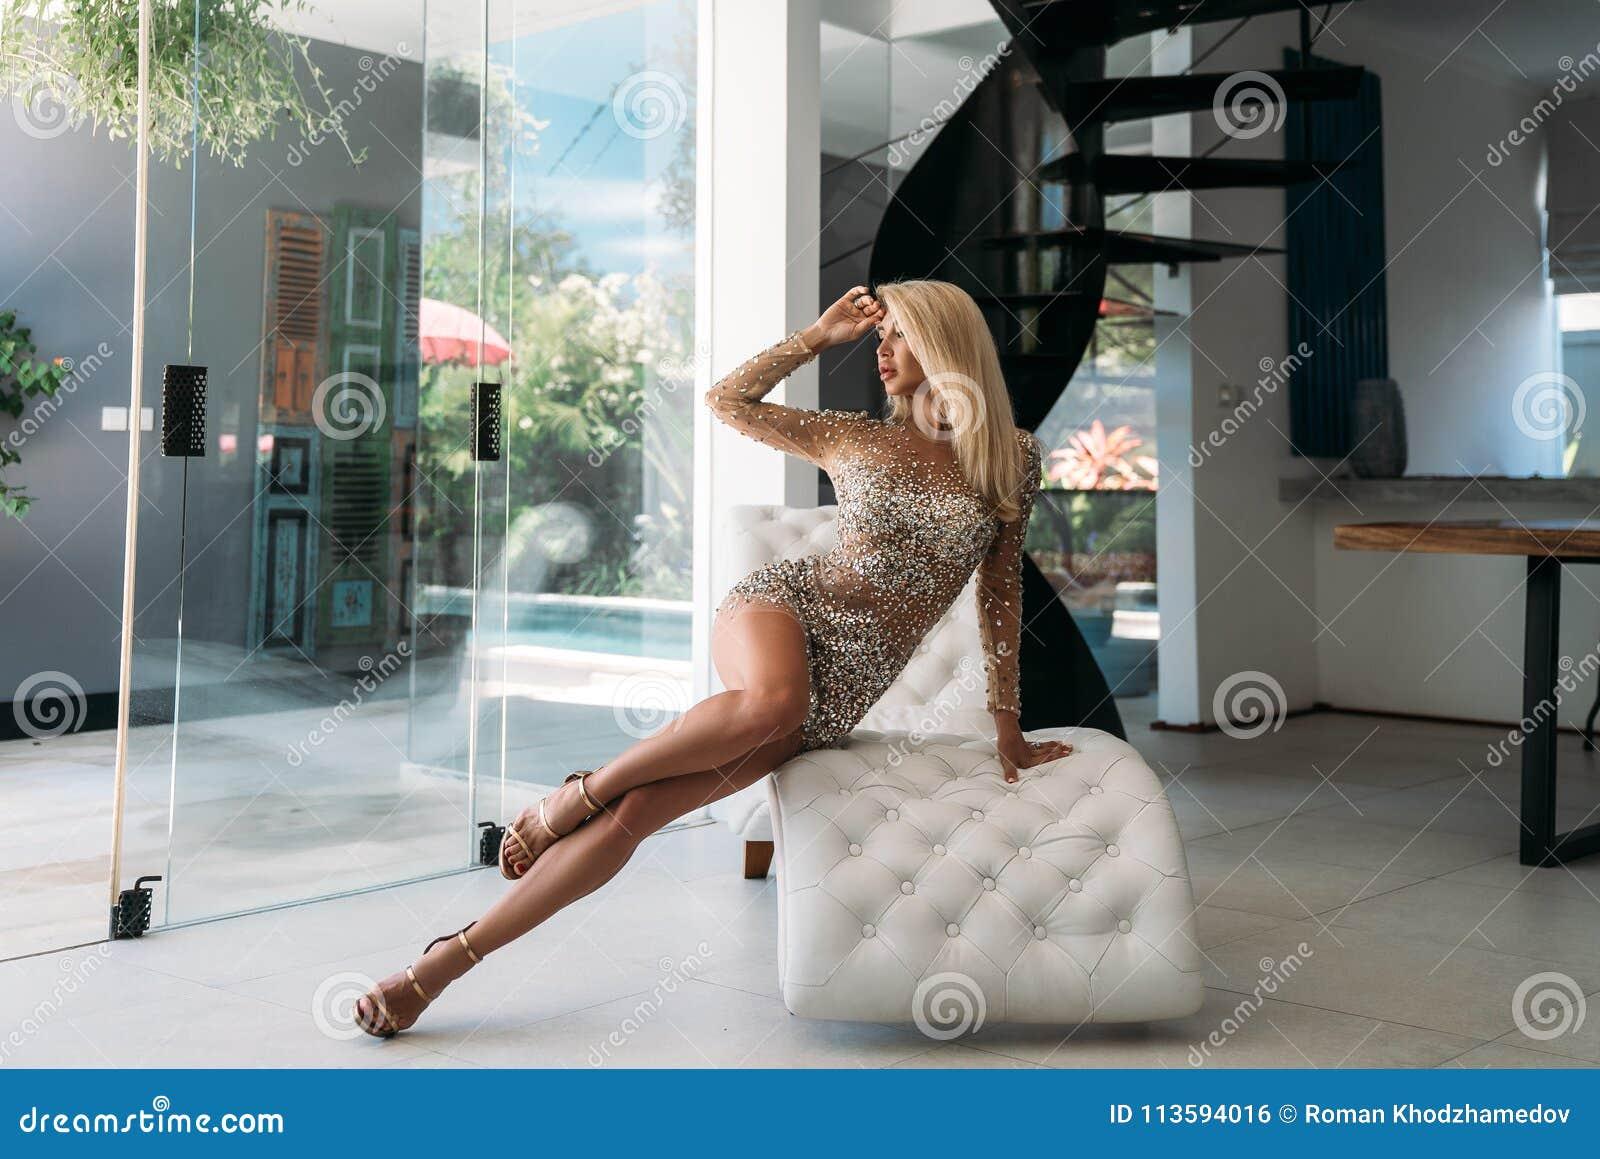 Una muchacha agradable con una figura hermosa en un vestido brillante corto descansa sobre un sofá elegante blanco en el estudio